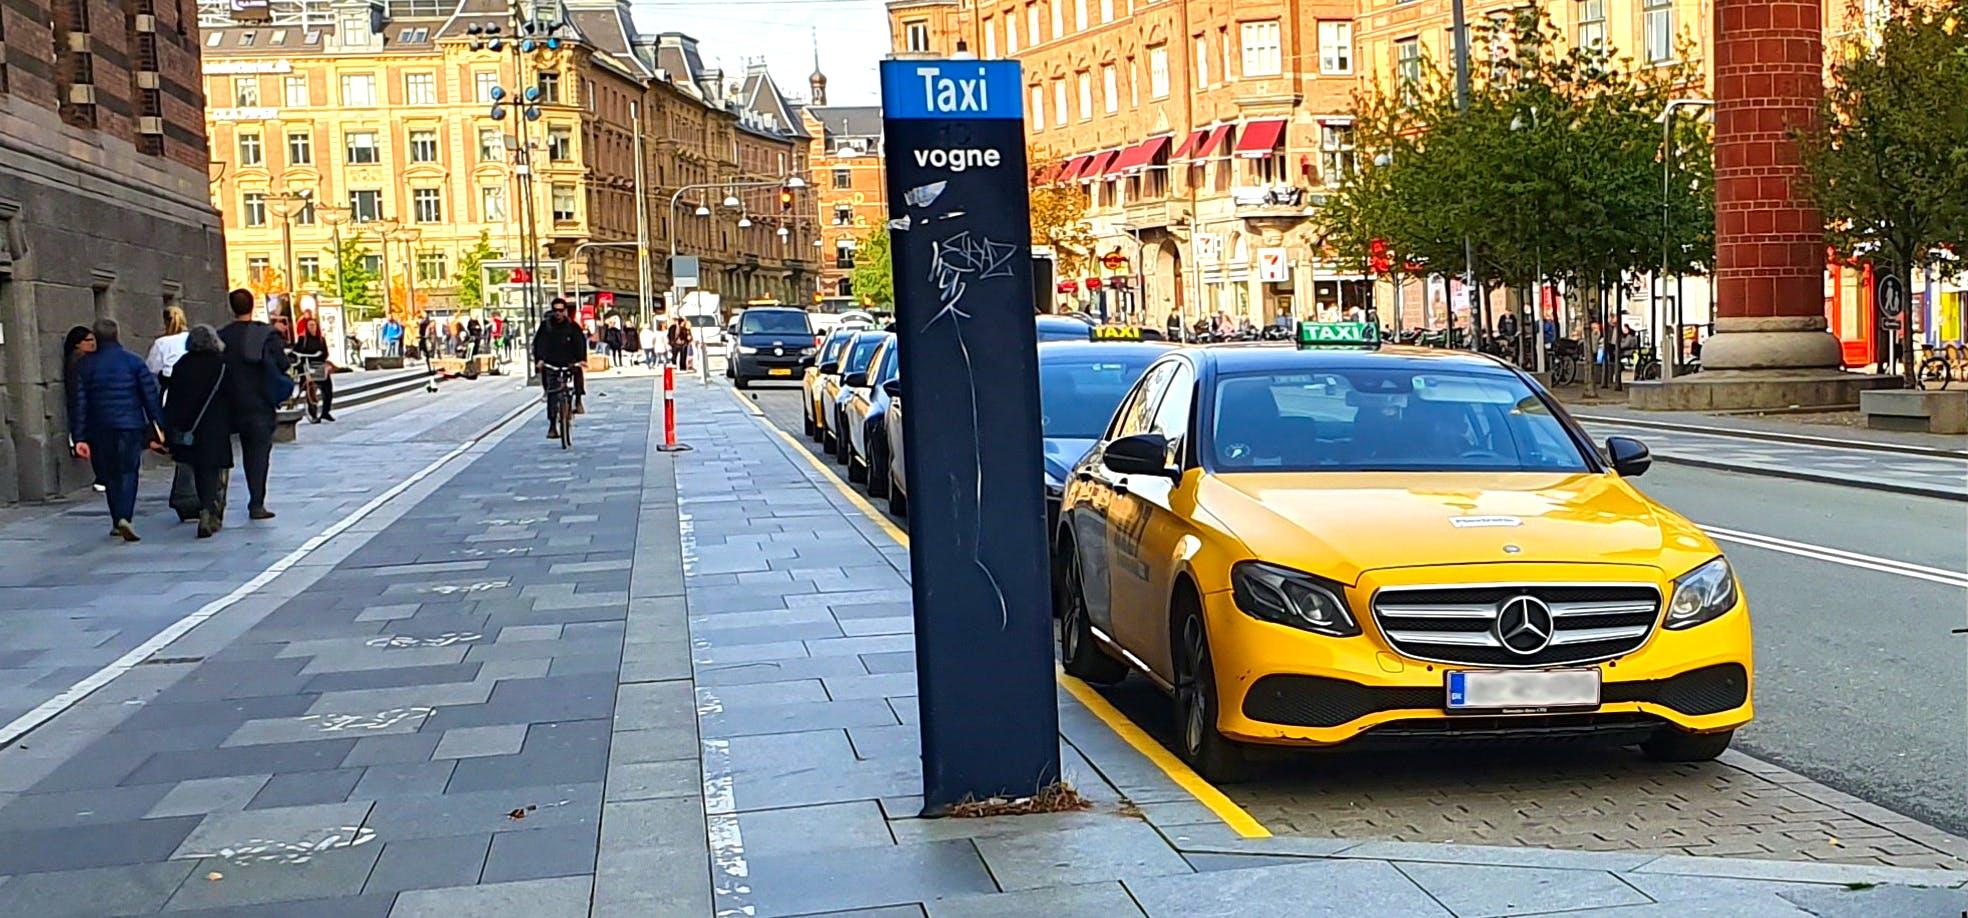 Eltaxaer kan se frem til fordelagtige pladser på populære opsamlingssteder i København. Foto: August Merved